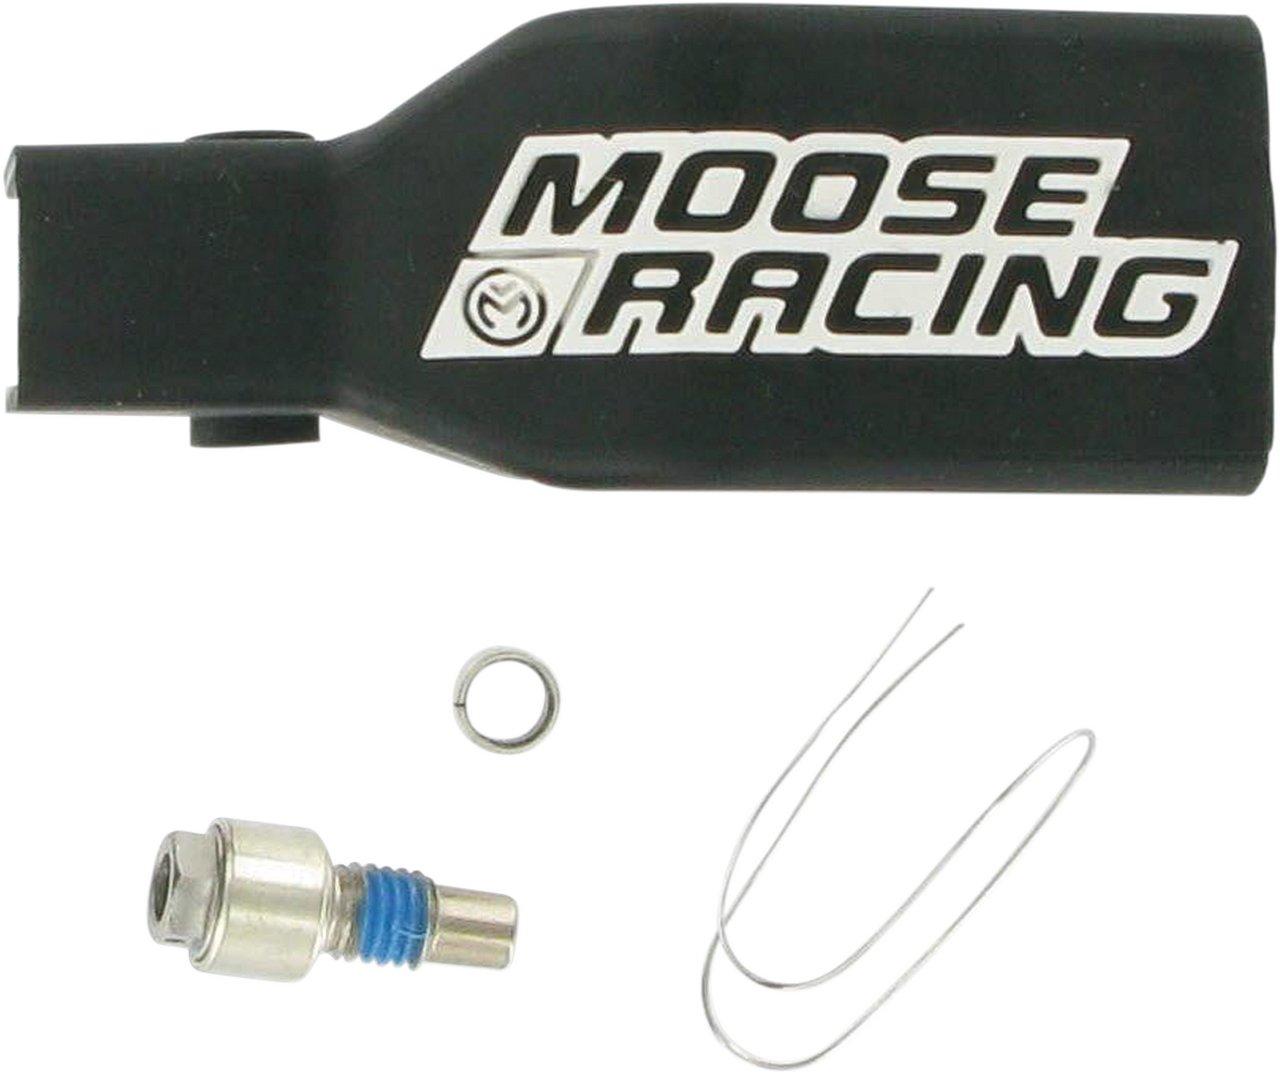 【MOOSE RACING】MOOSE RACING/ARC DC8 離合器拉桿總成 [0615-0098] - 「Webike-摩托百貨」